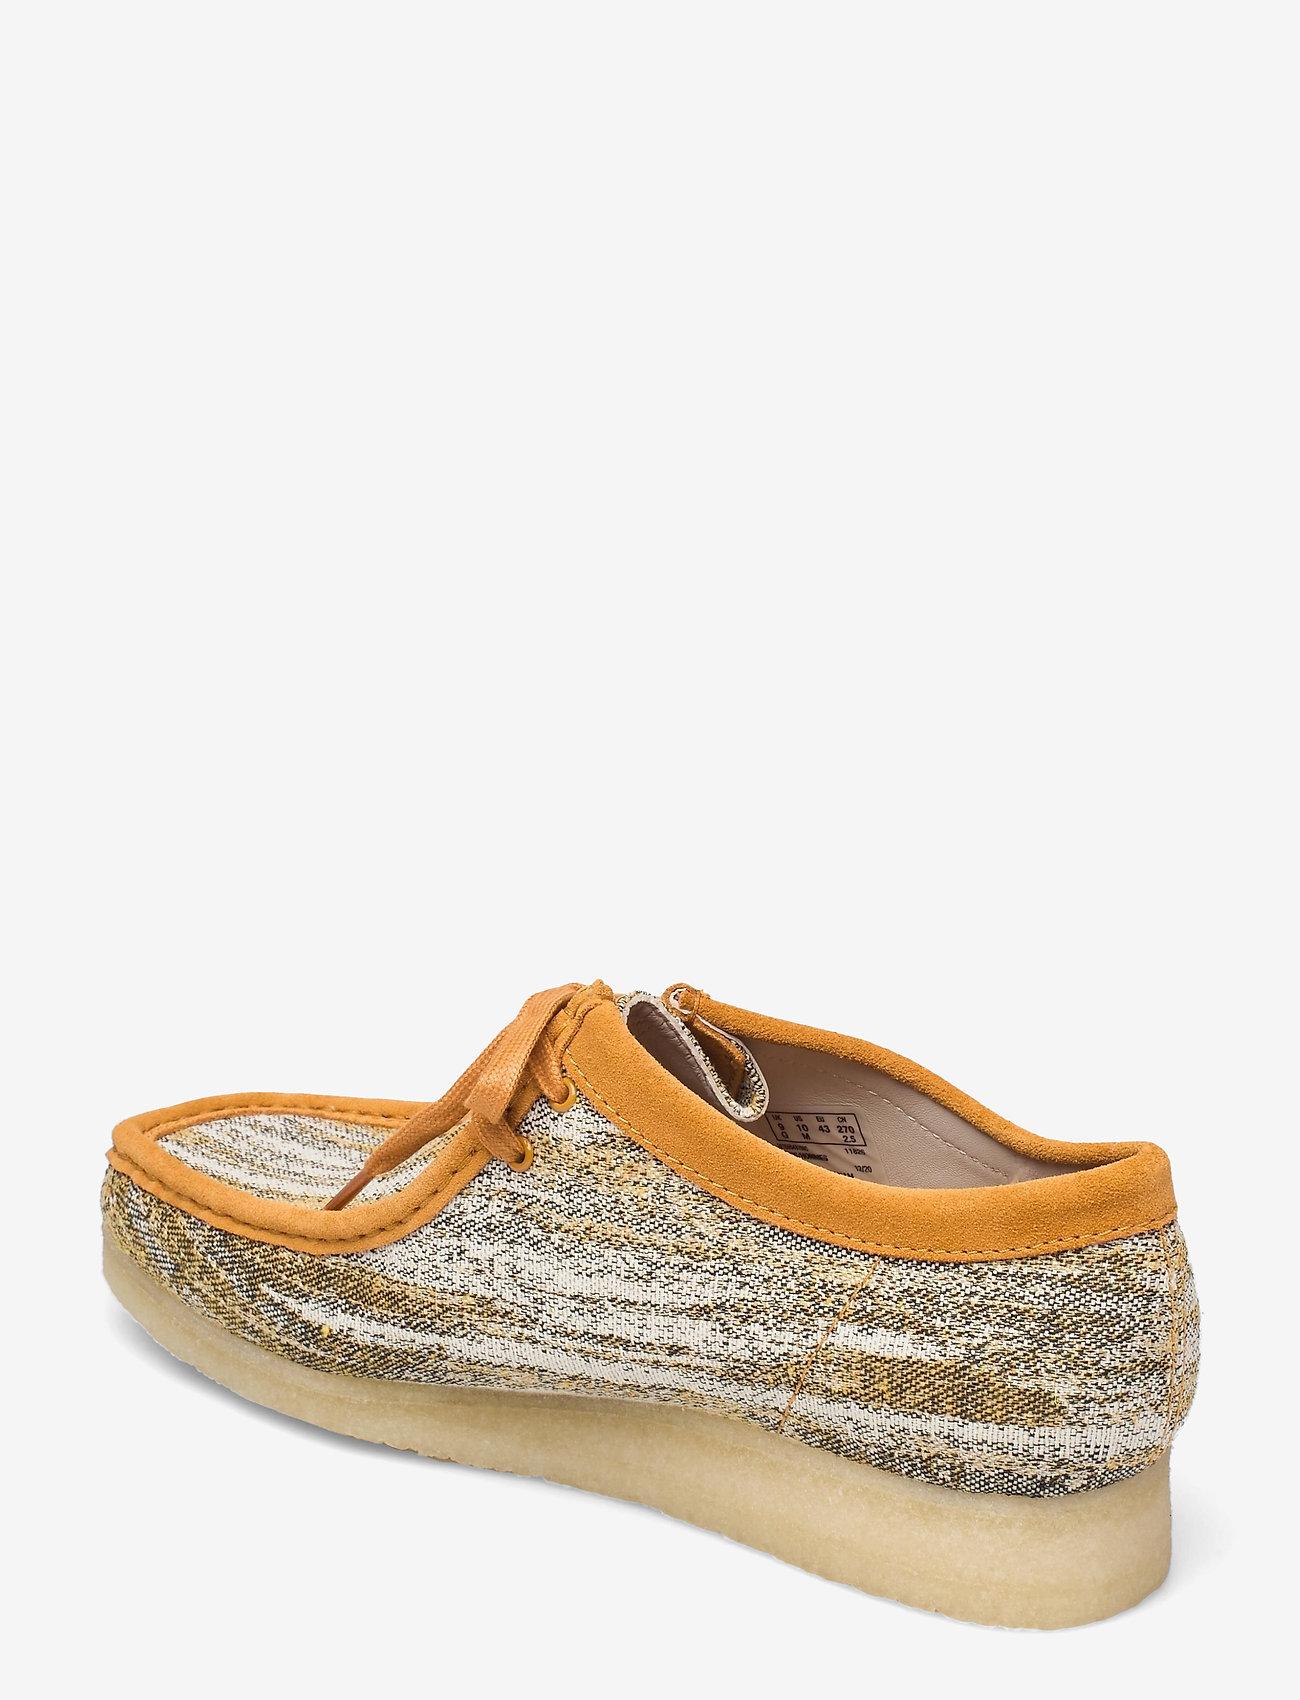 Clarks Originals - Wallabee - skor - sand fabric - 2